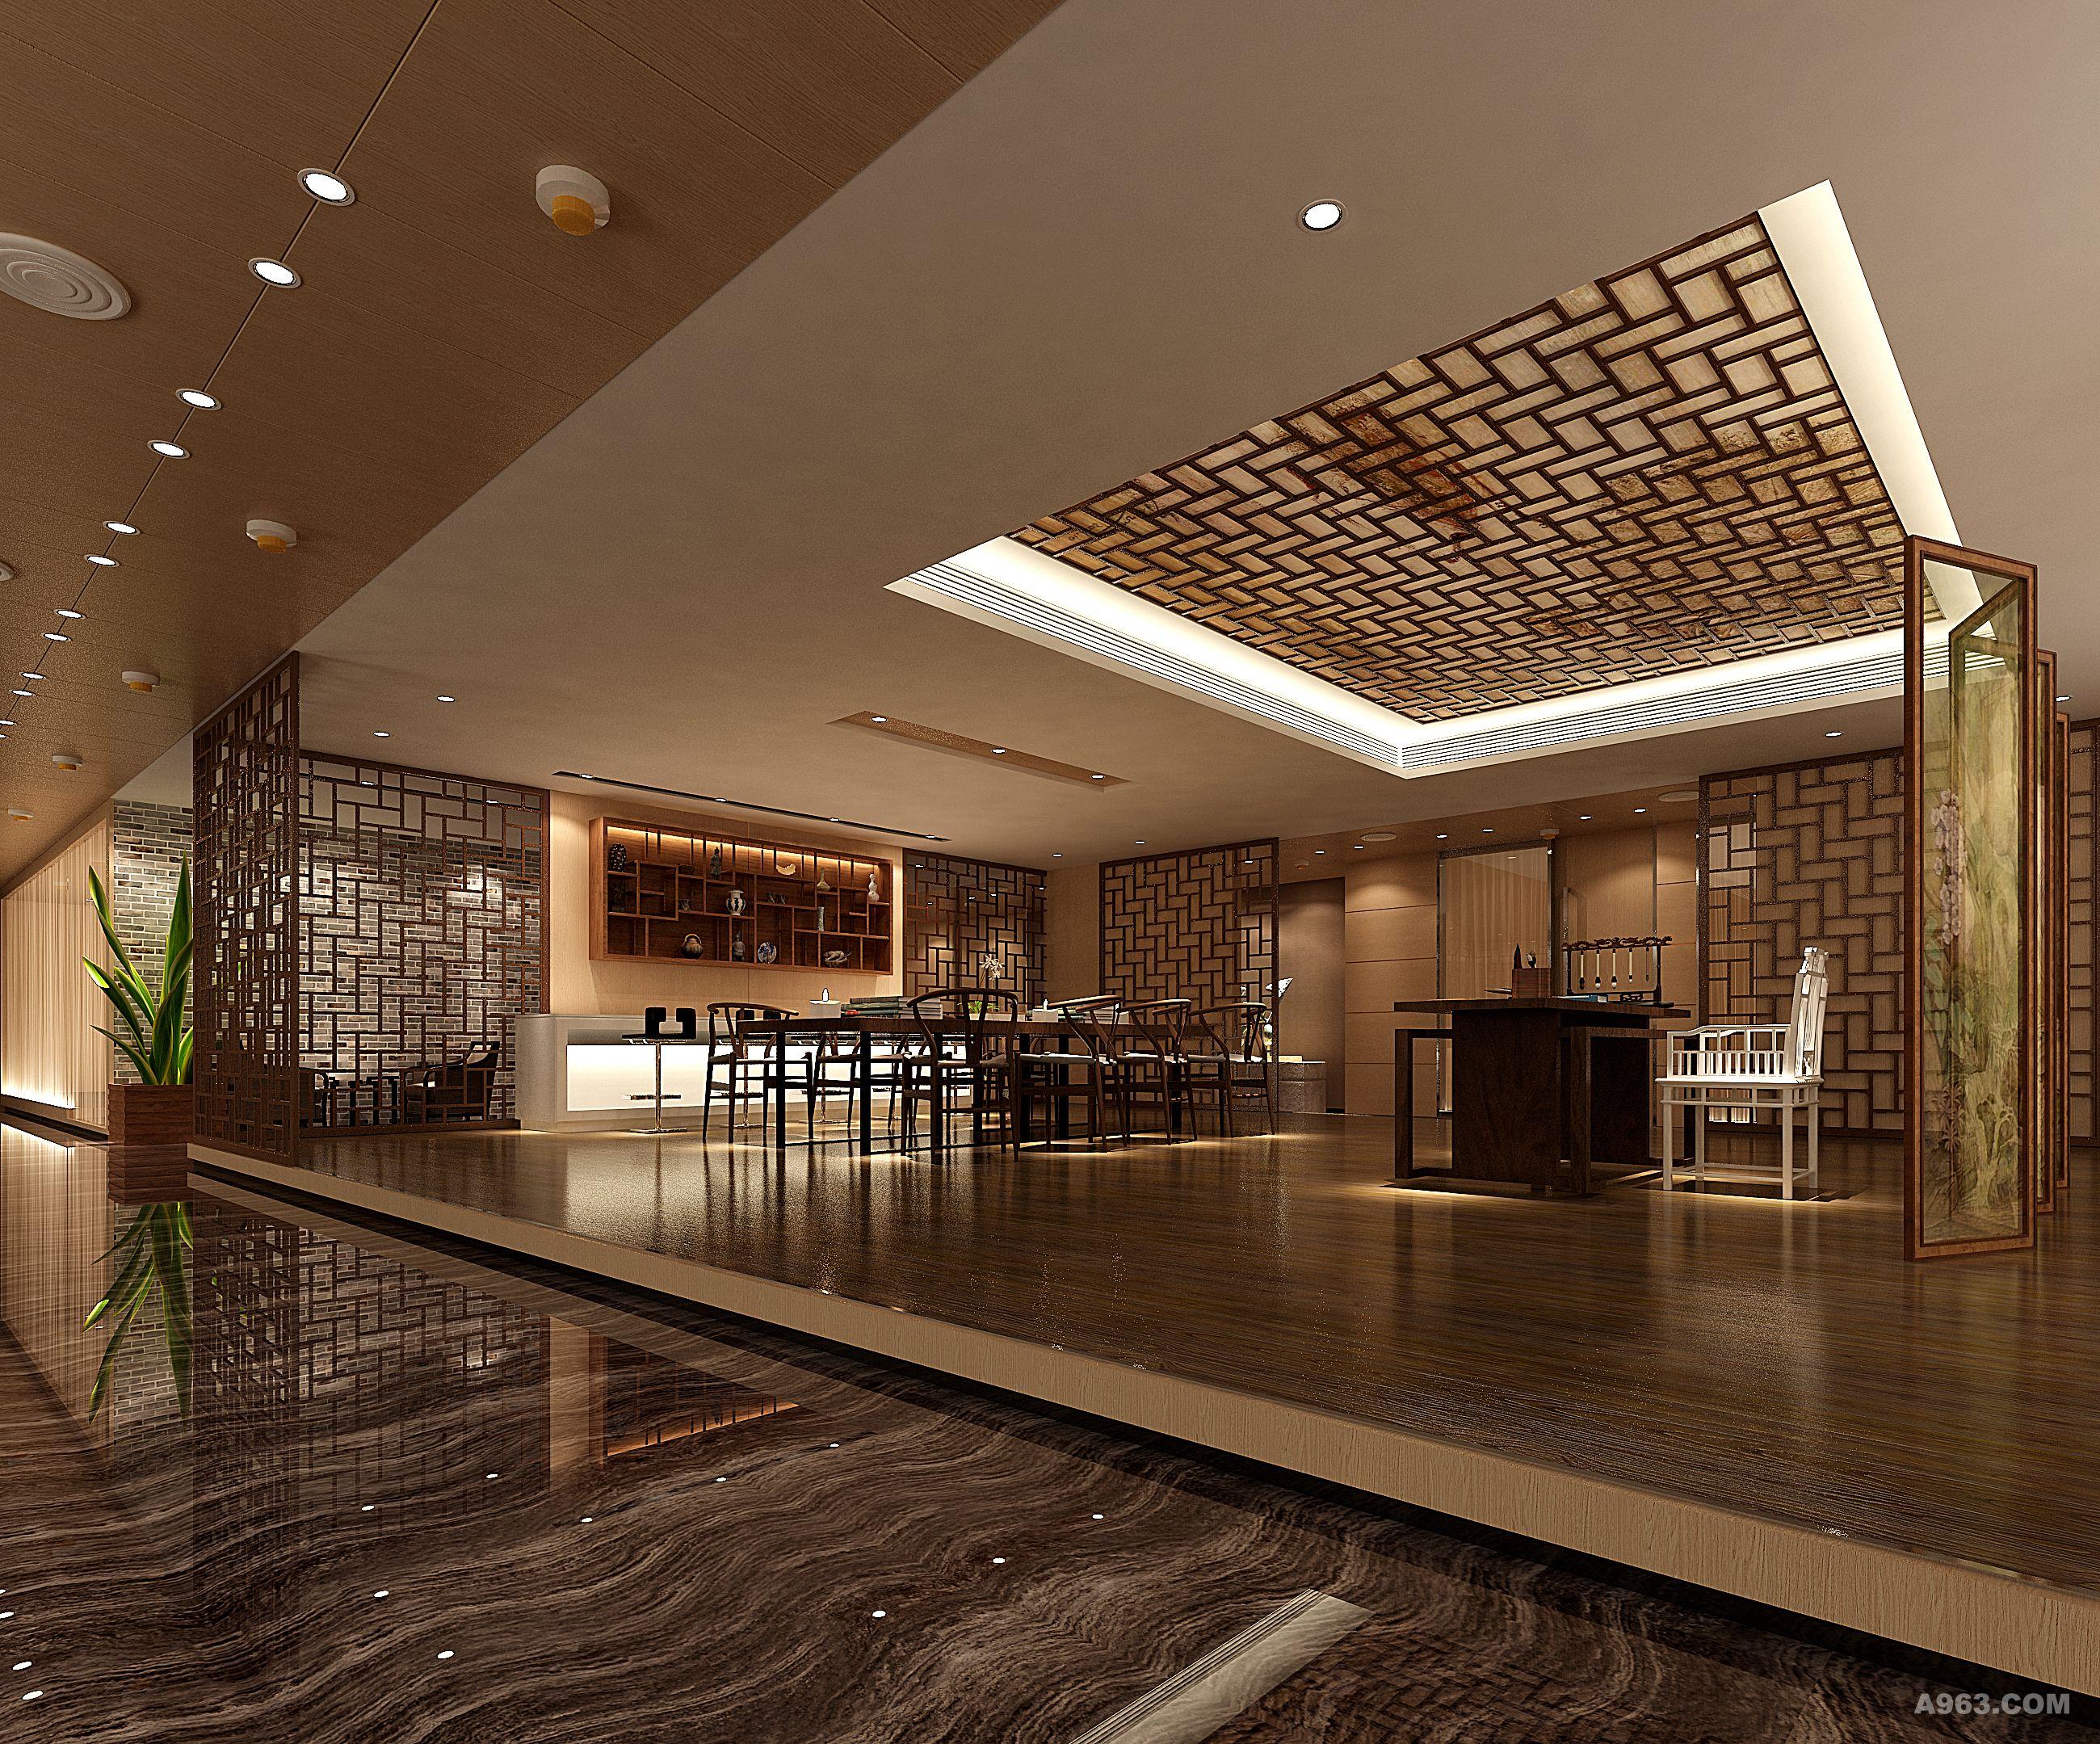 企业的形象设计:针对门厅入口建筑平面开间宽,进深窄的缺点,我们将